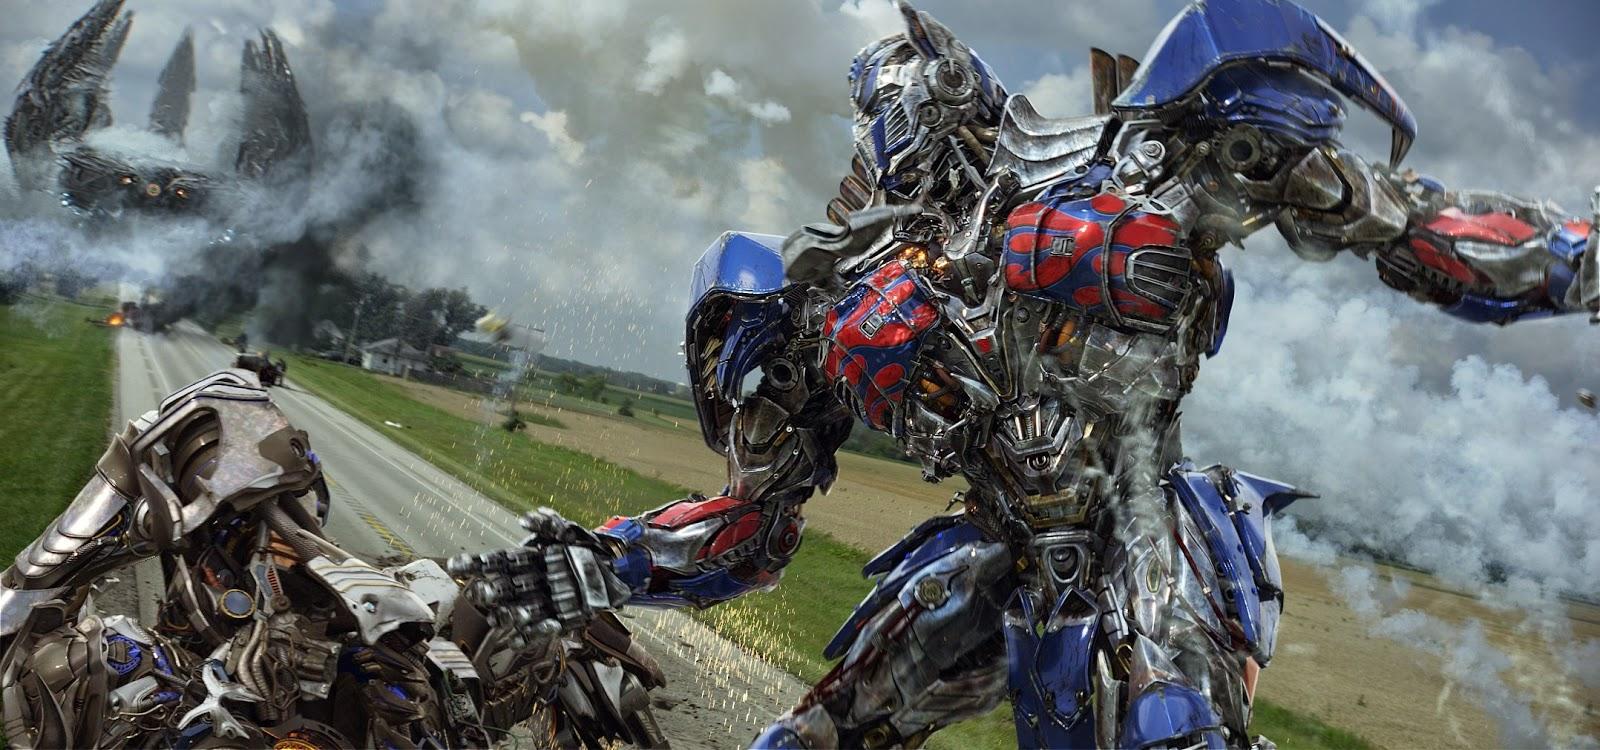 Transformers: A Era da Extinção é o filme de maior bilheteria do ano